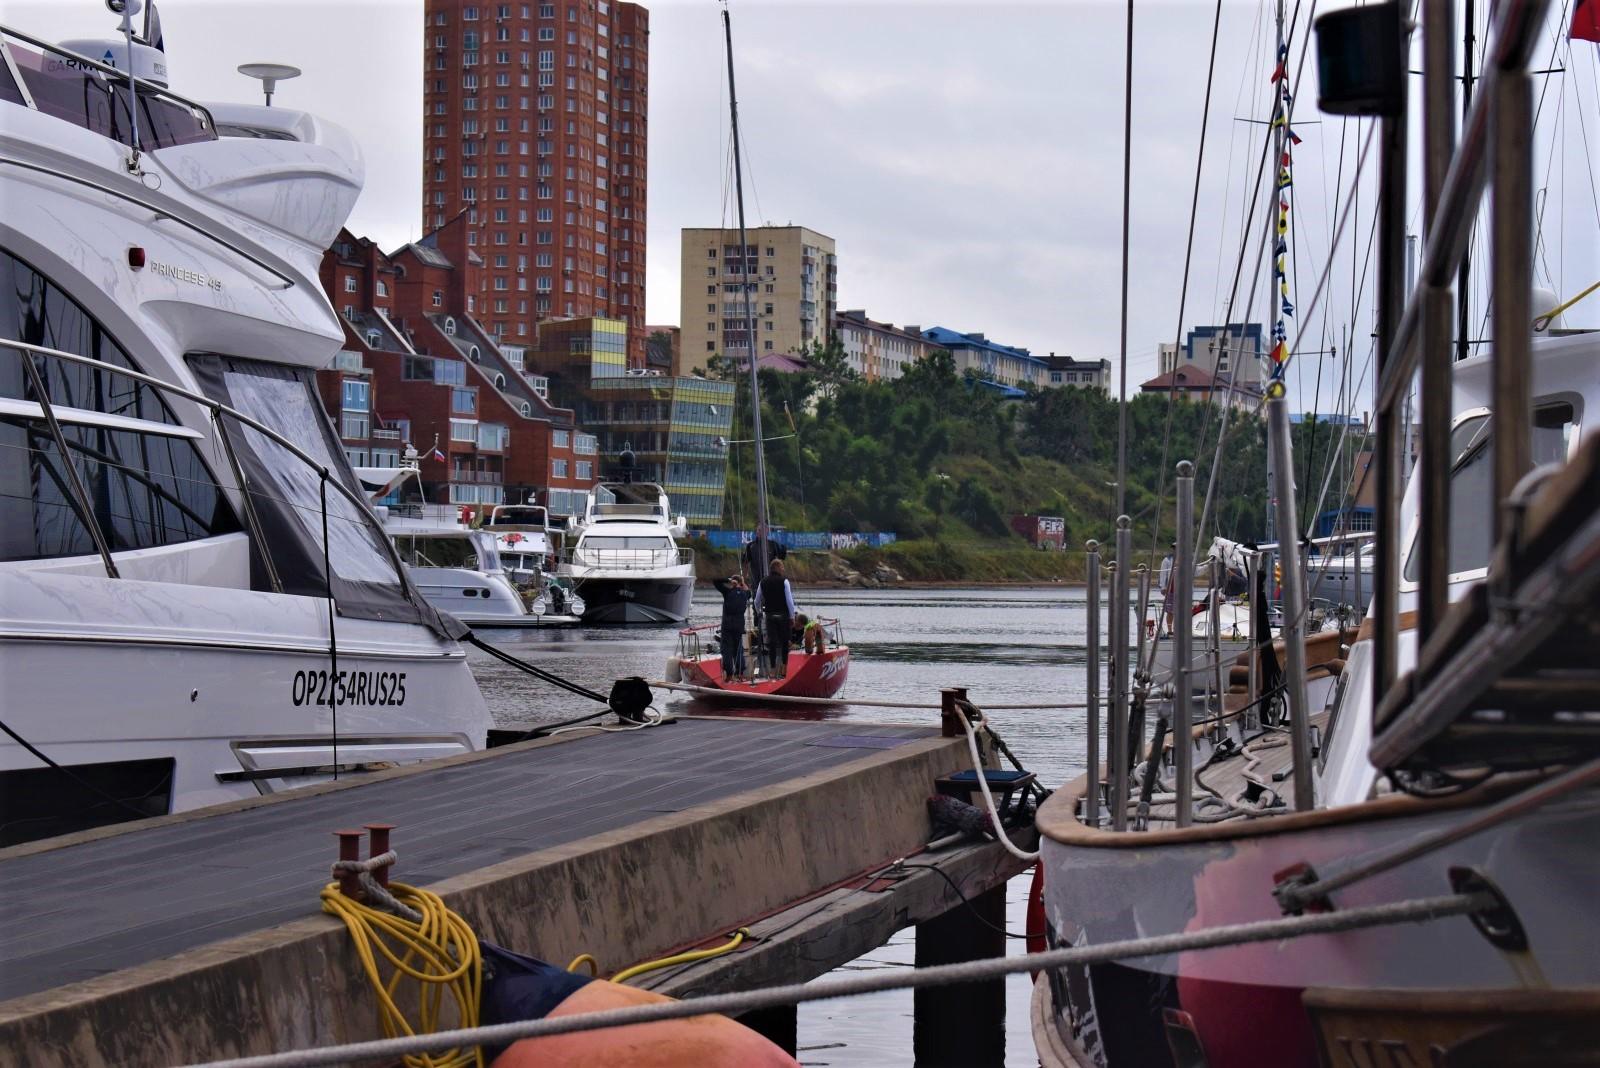 спорт 25 яхта парус